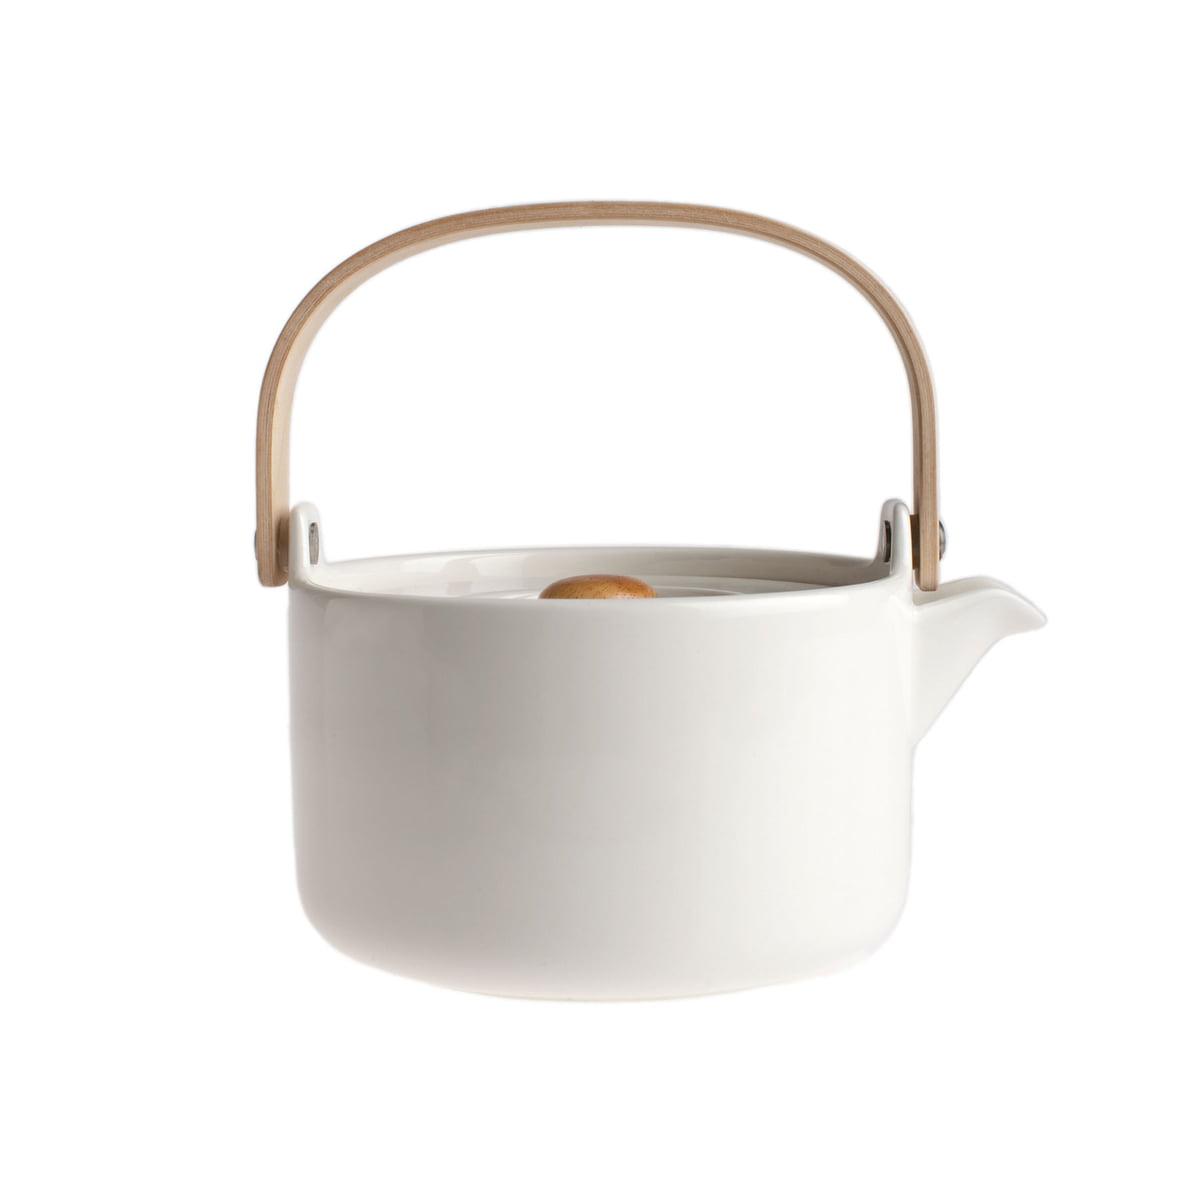 Marimekko - Oiva Teekanne, weiß   Küche und Esszimmer > Kaffee und Tee   Weiß   Steinzeug -  holz   marimekko